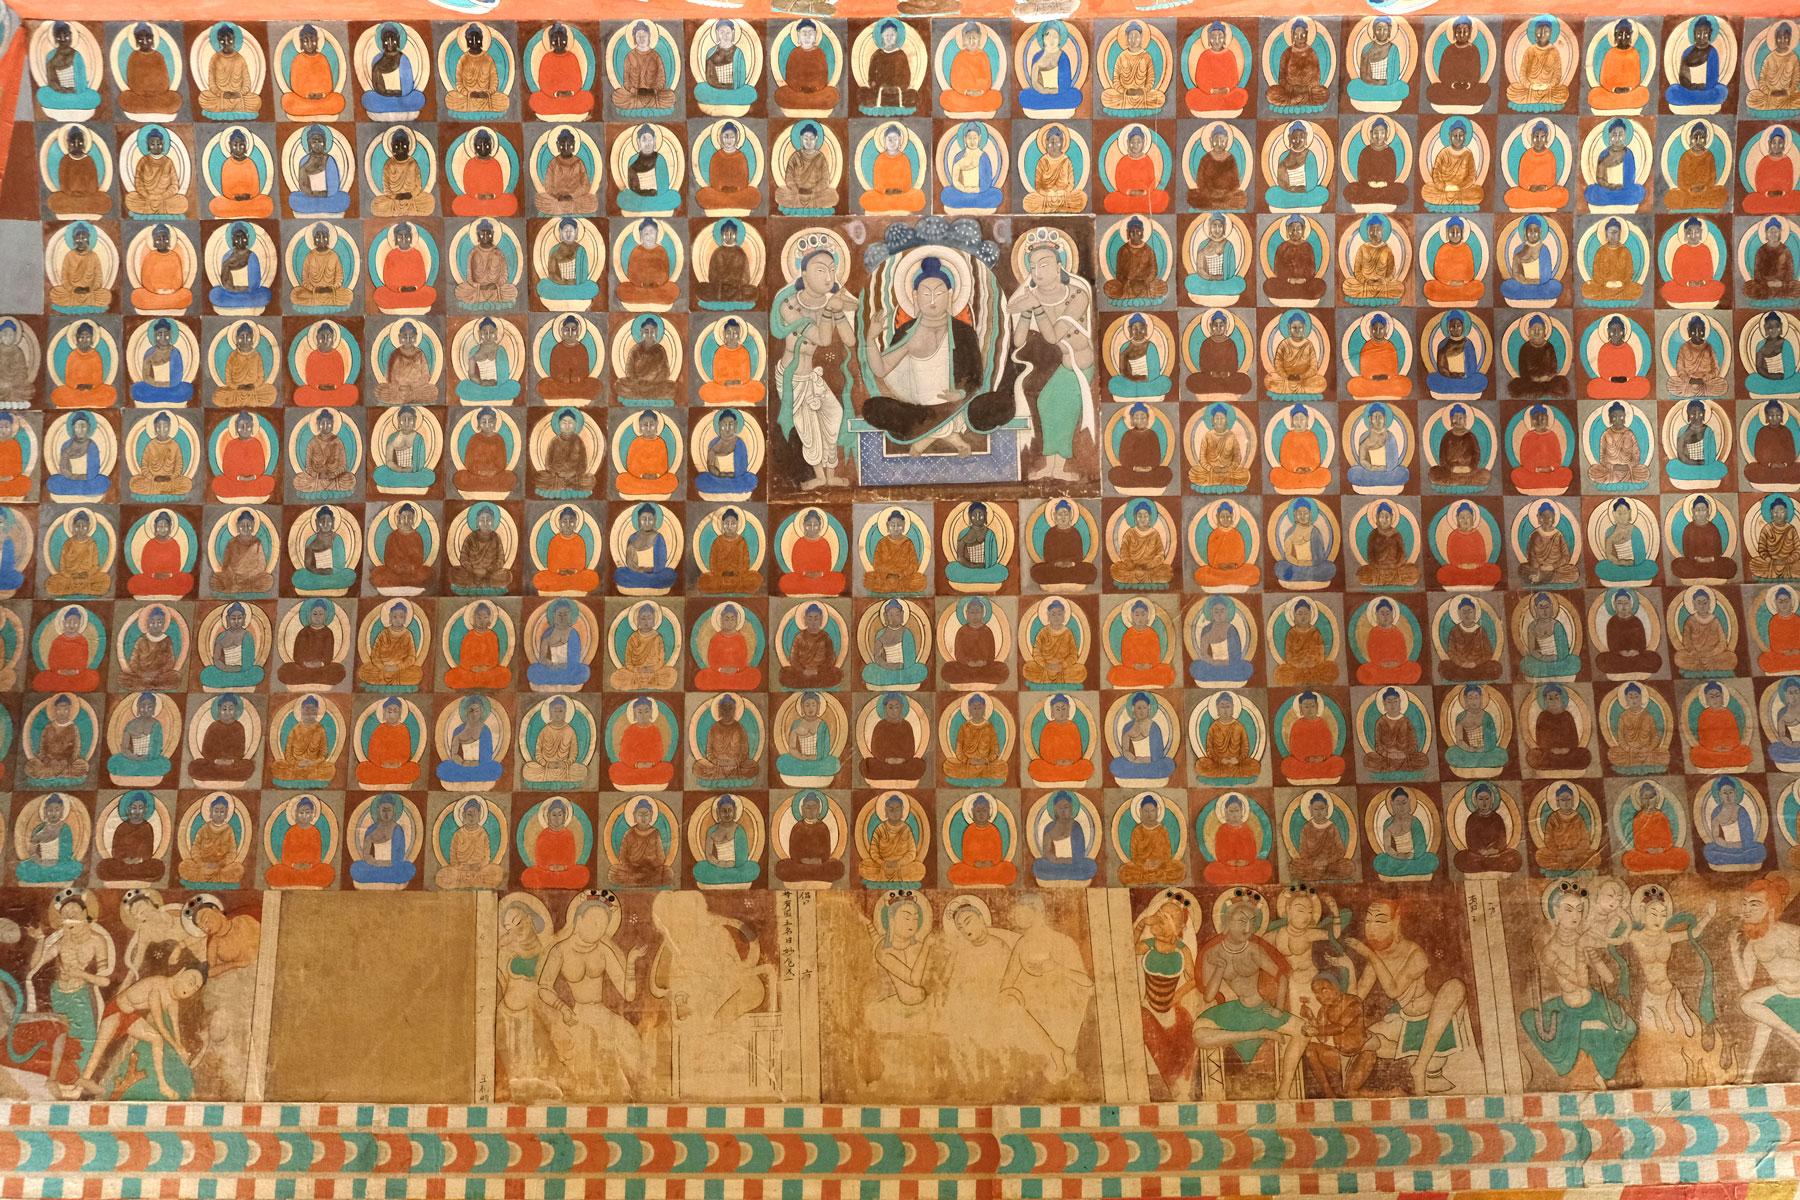 In Turpans Museum gint es einige spannende Exponate zu sehen. So wie diese Nachbildung einer reich verzierten Buddha-Höhle aus dem 5. Jahrhundert.